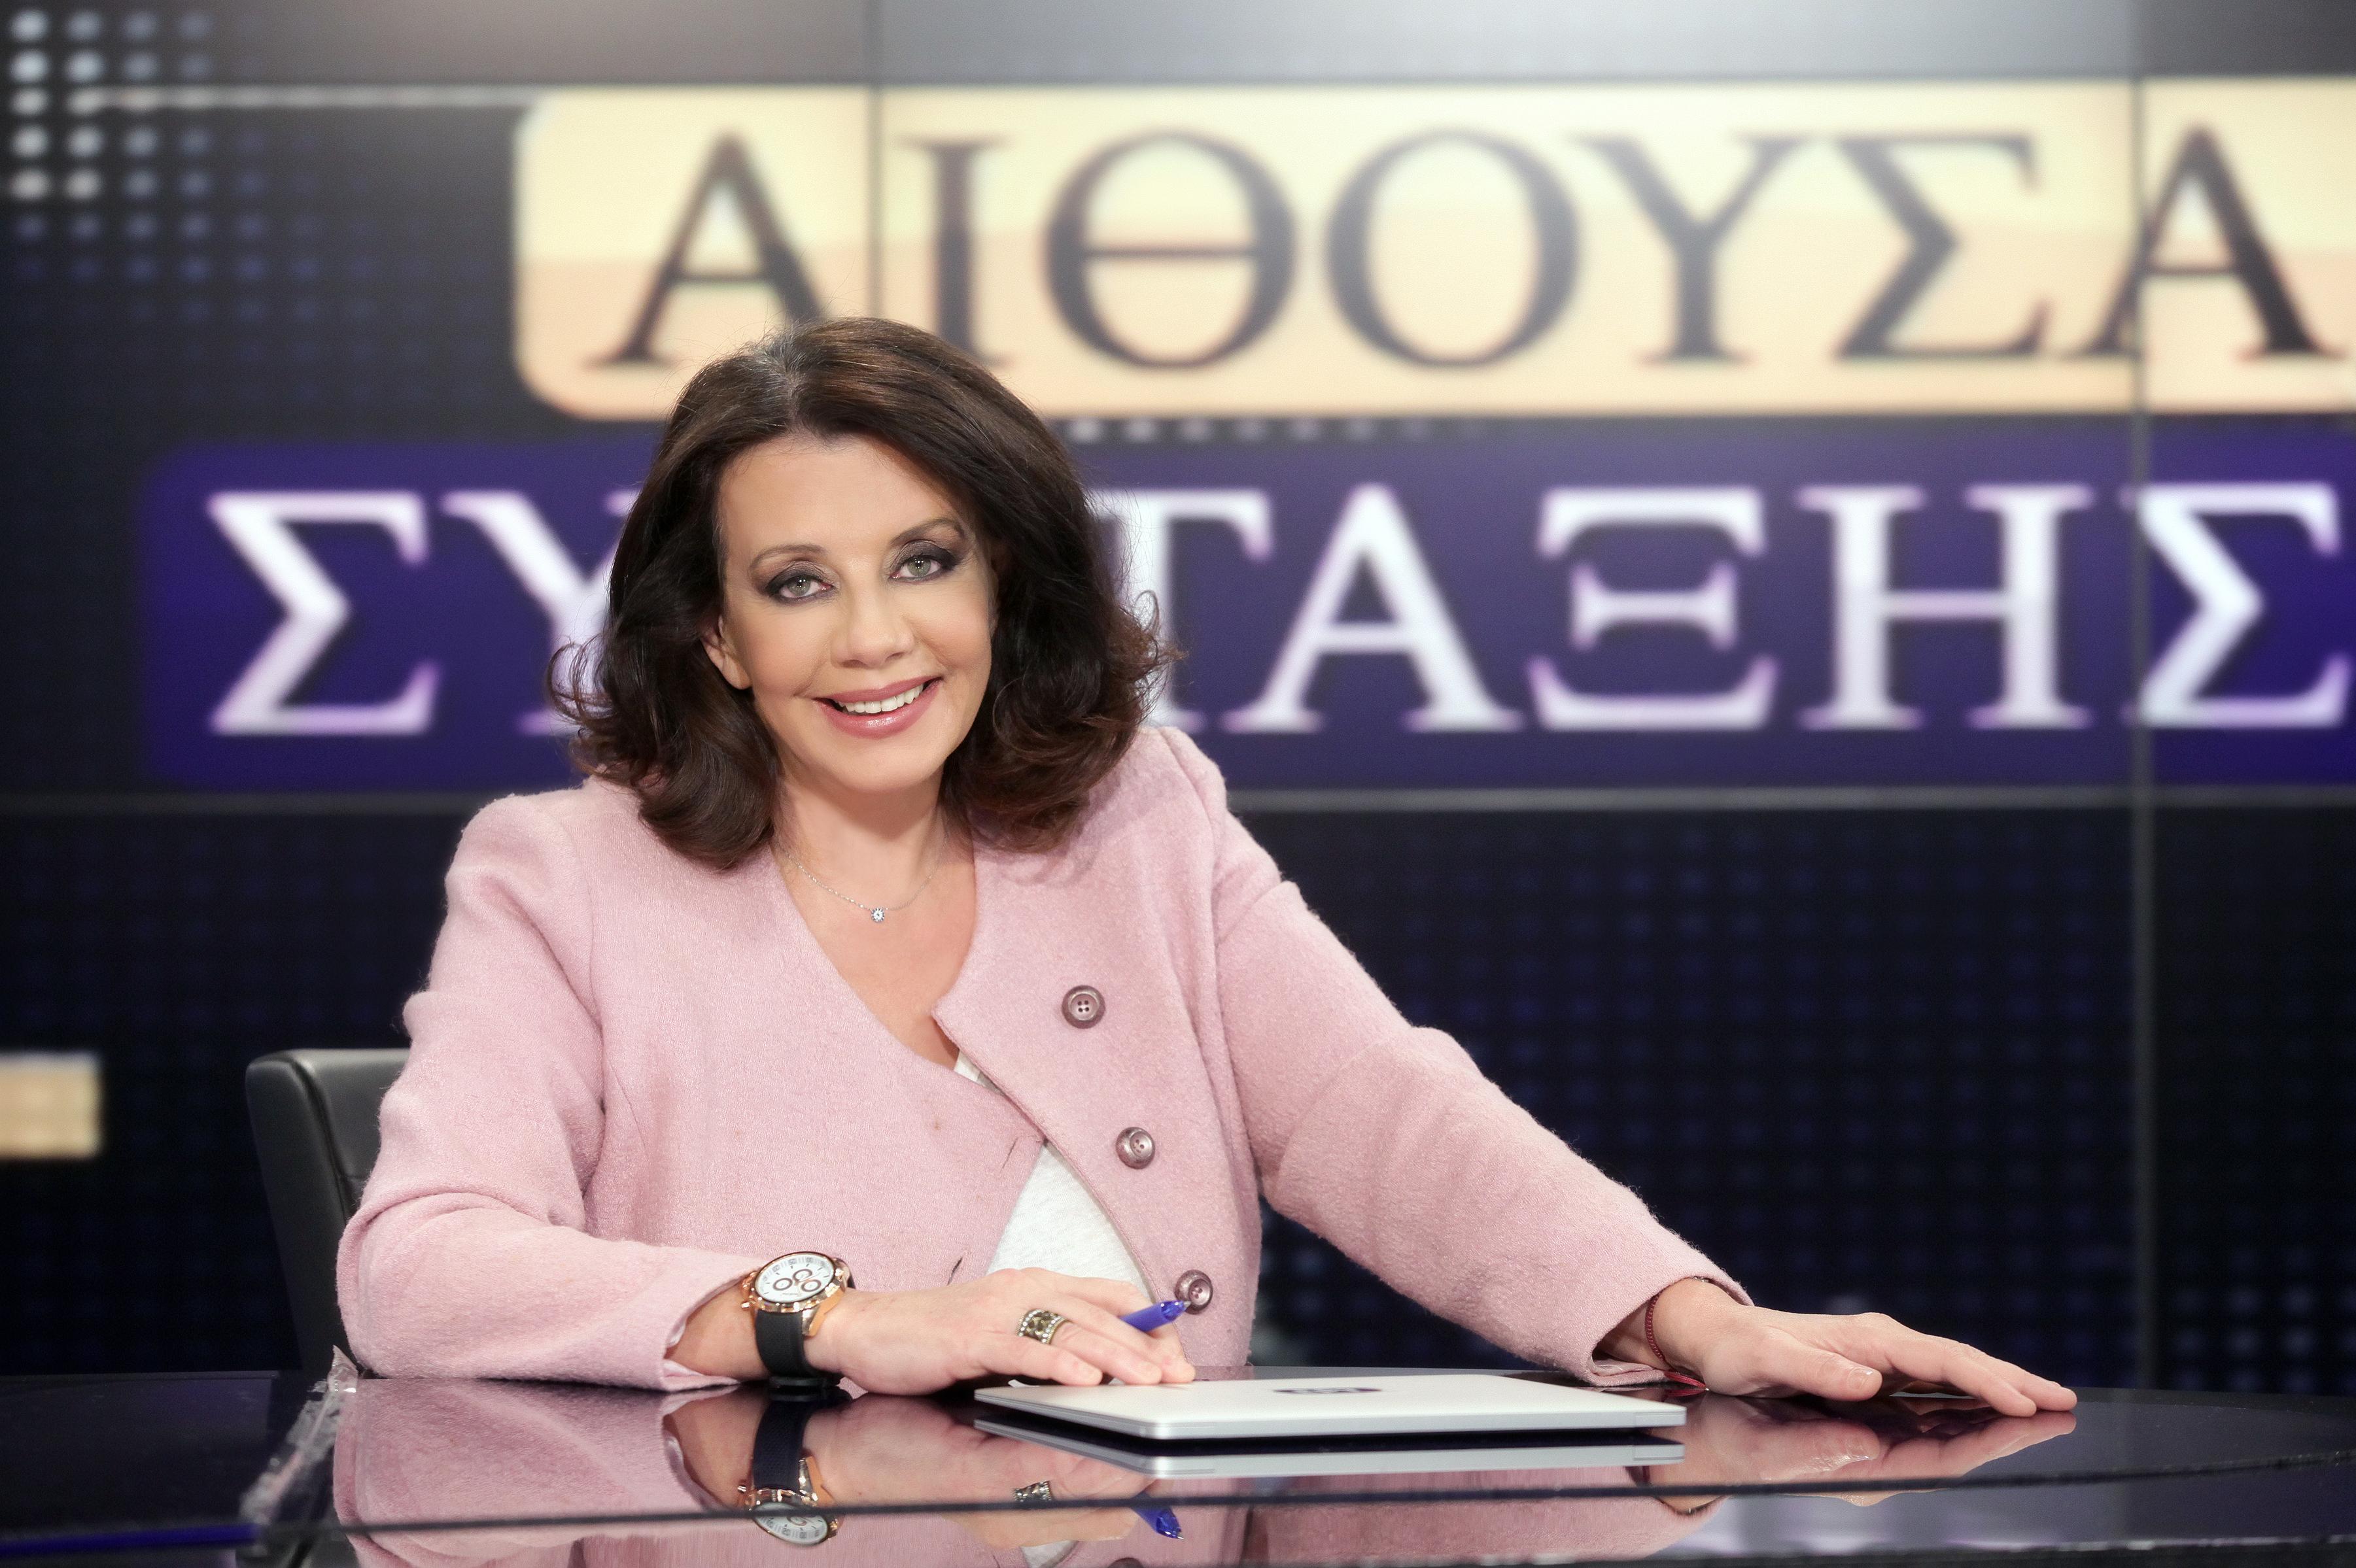 ΚΑΤΕΡΙΝΑ ΑΚΡΙΒΟΠΟΥΛΟΥ